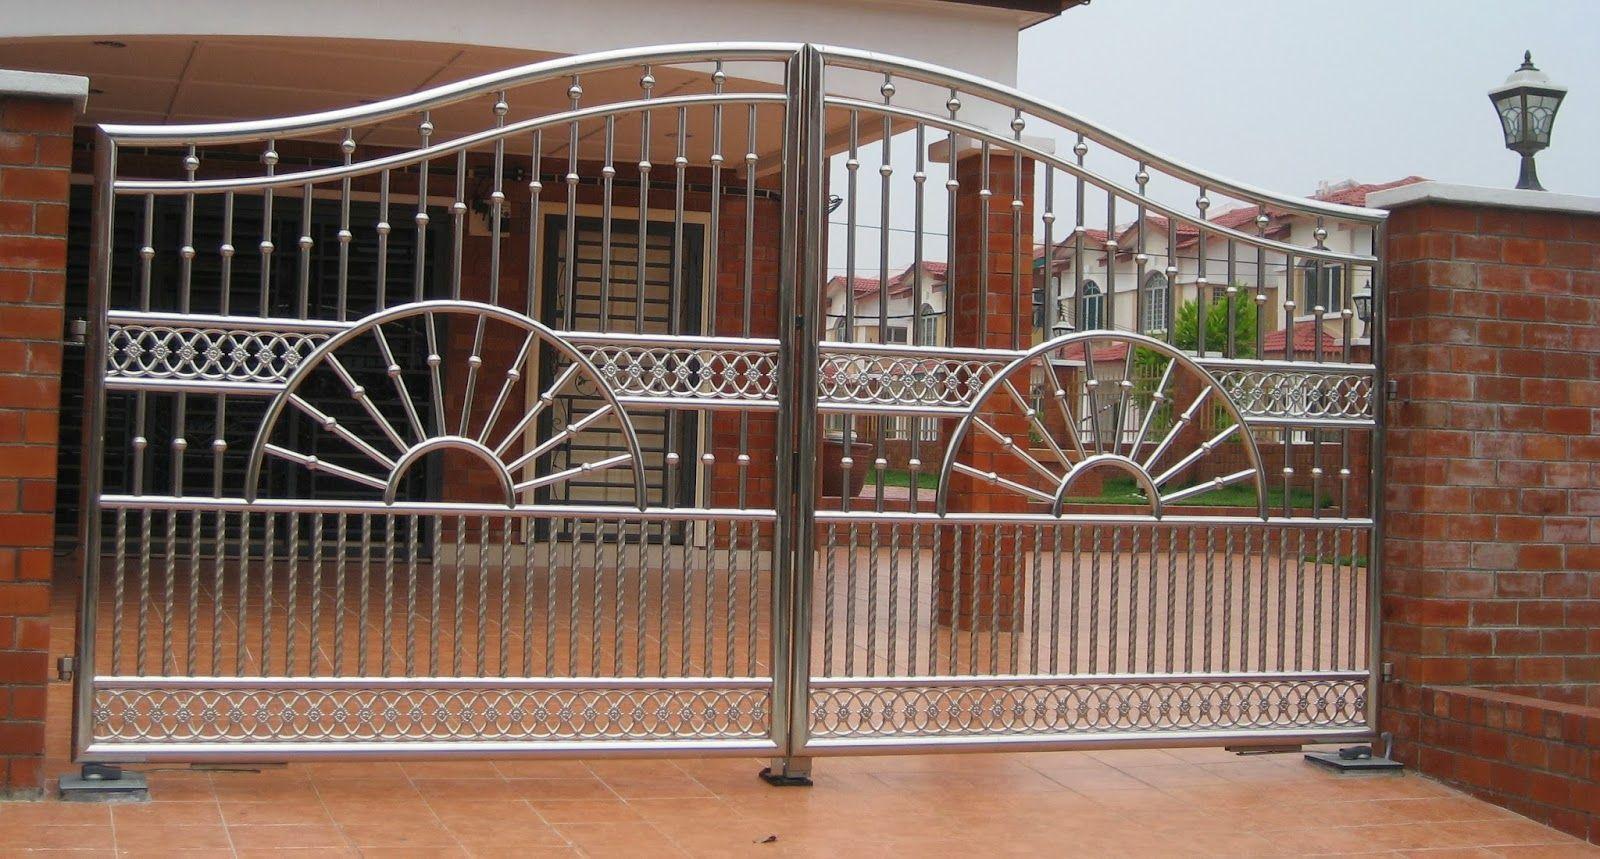 70 Desain Pagar Rumah  Minimalis Kayu dan Besi pintu